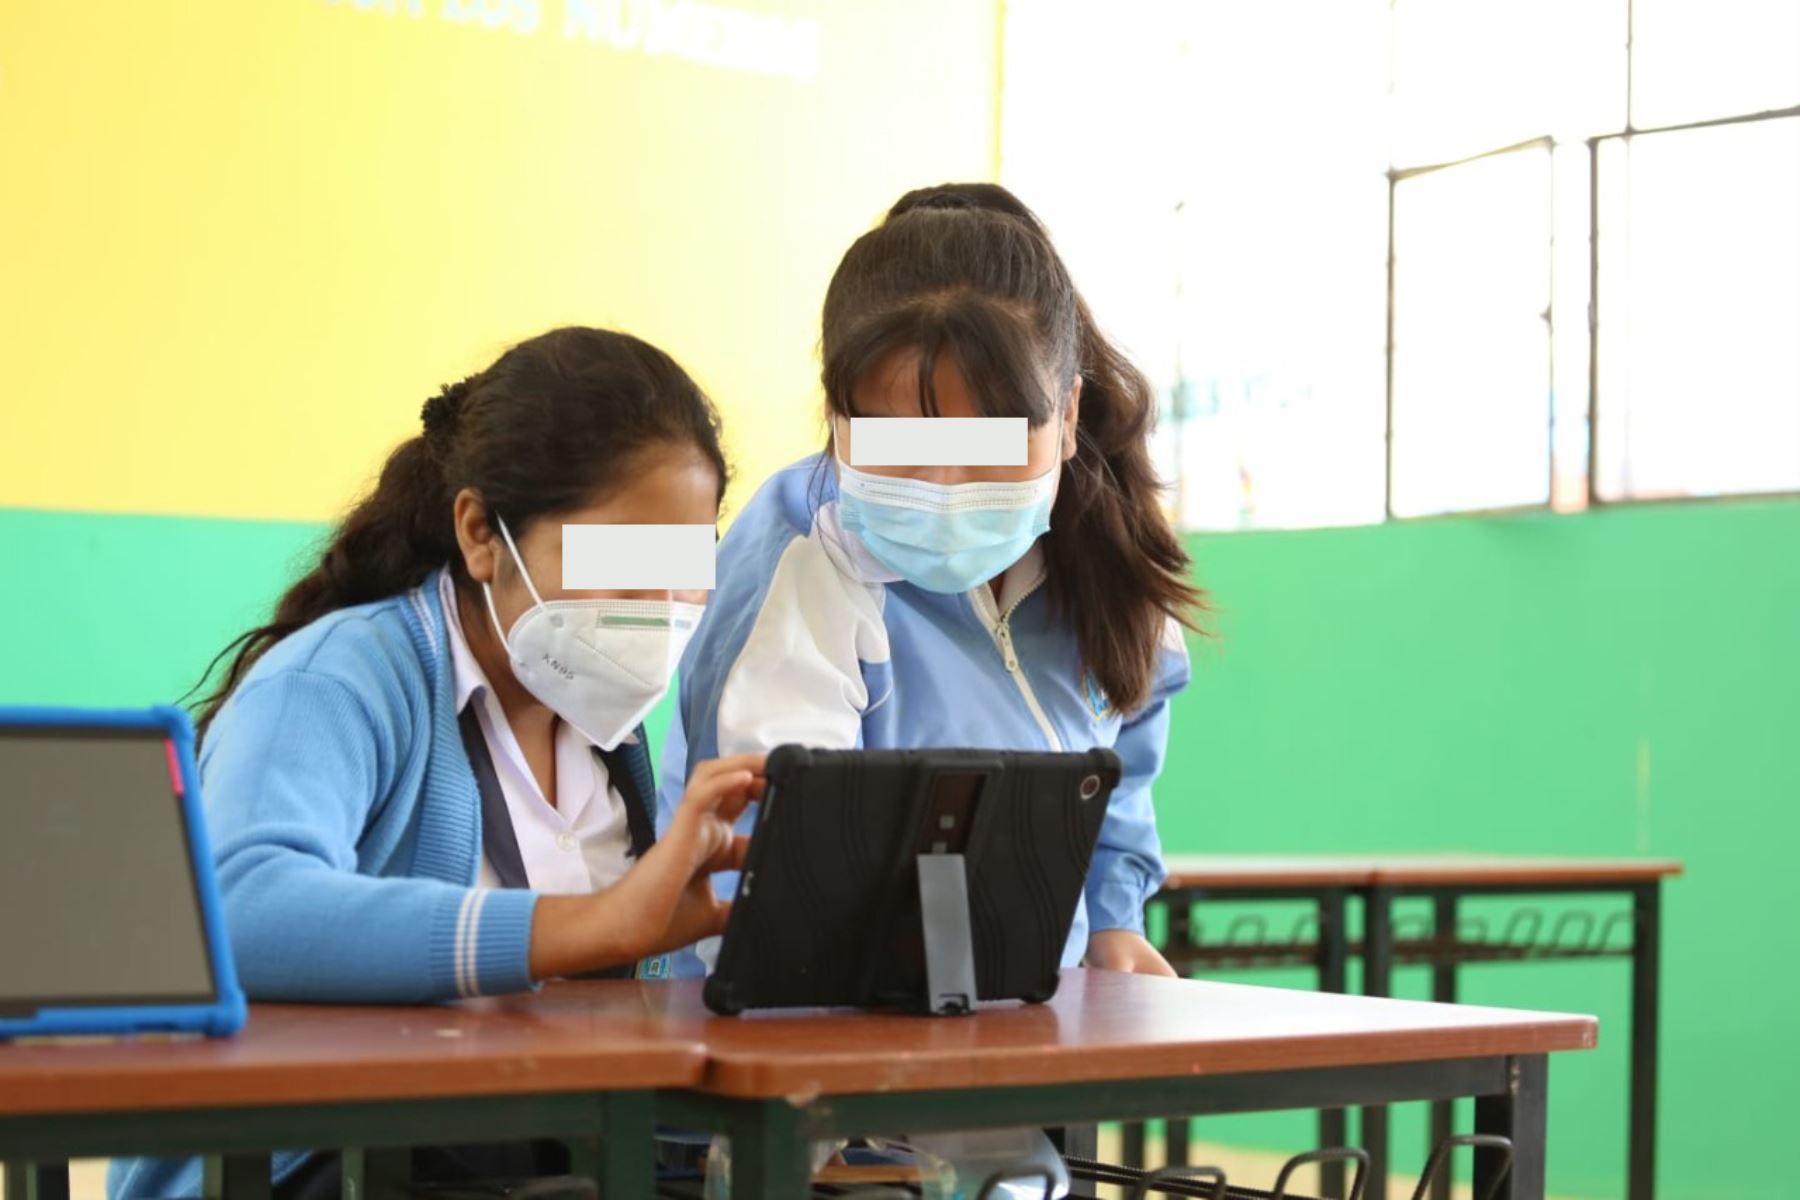 Ministerio de Educación verifica en Piura que las tabletas electrónicas eran usadas con fines distintos a los pedagógicos. Foto: ANDINA/difusión.